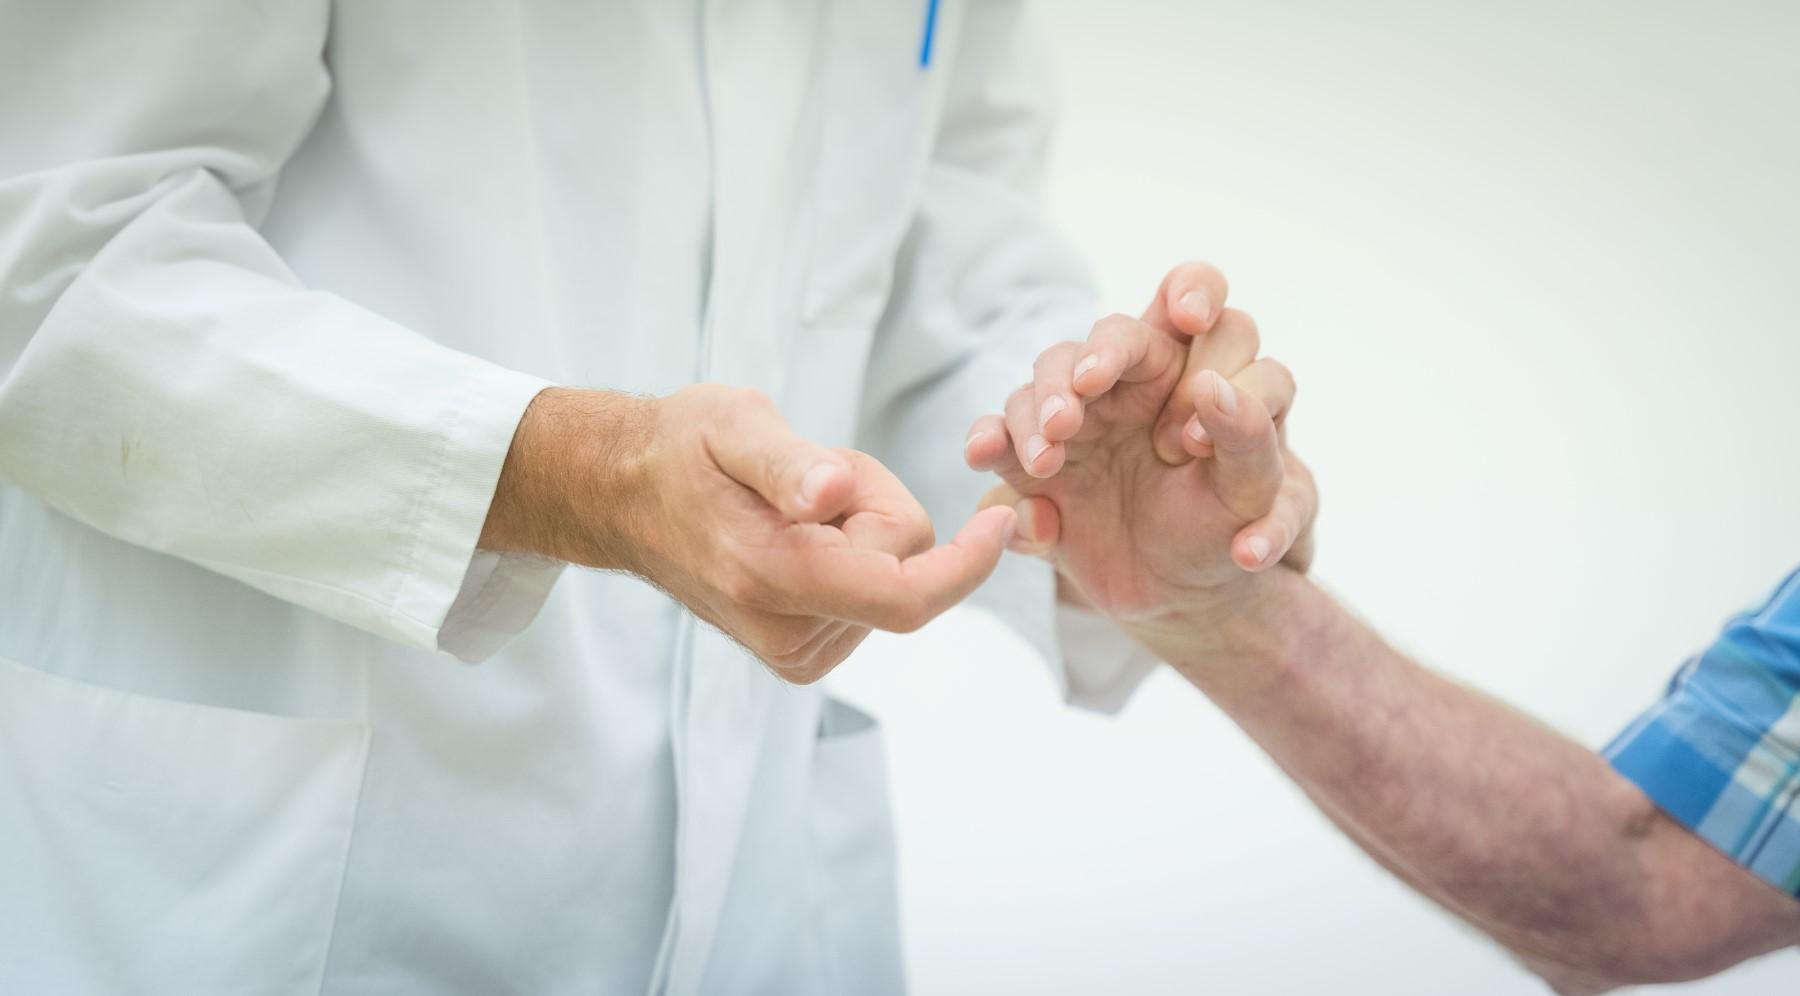 Neurologie - ein Arzt testet die Reflexe an den Fingern eines Patienten